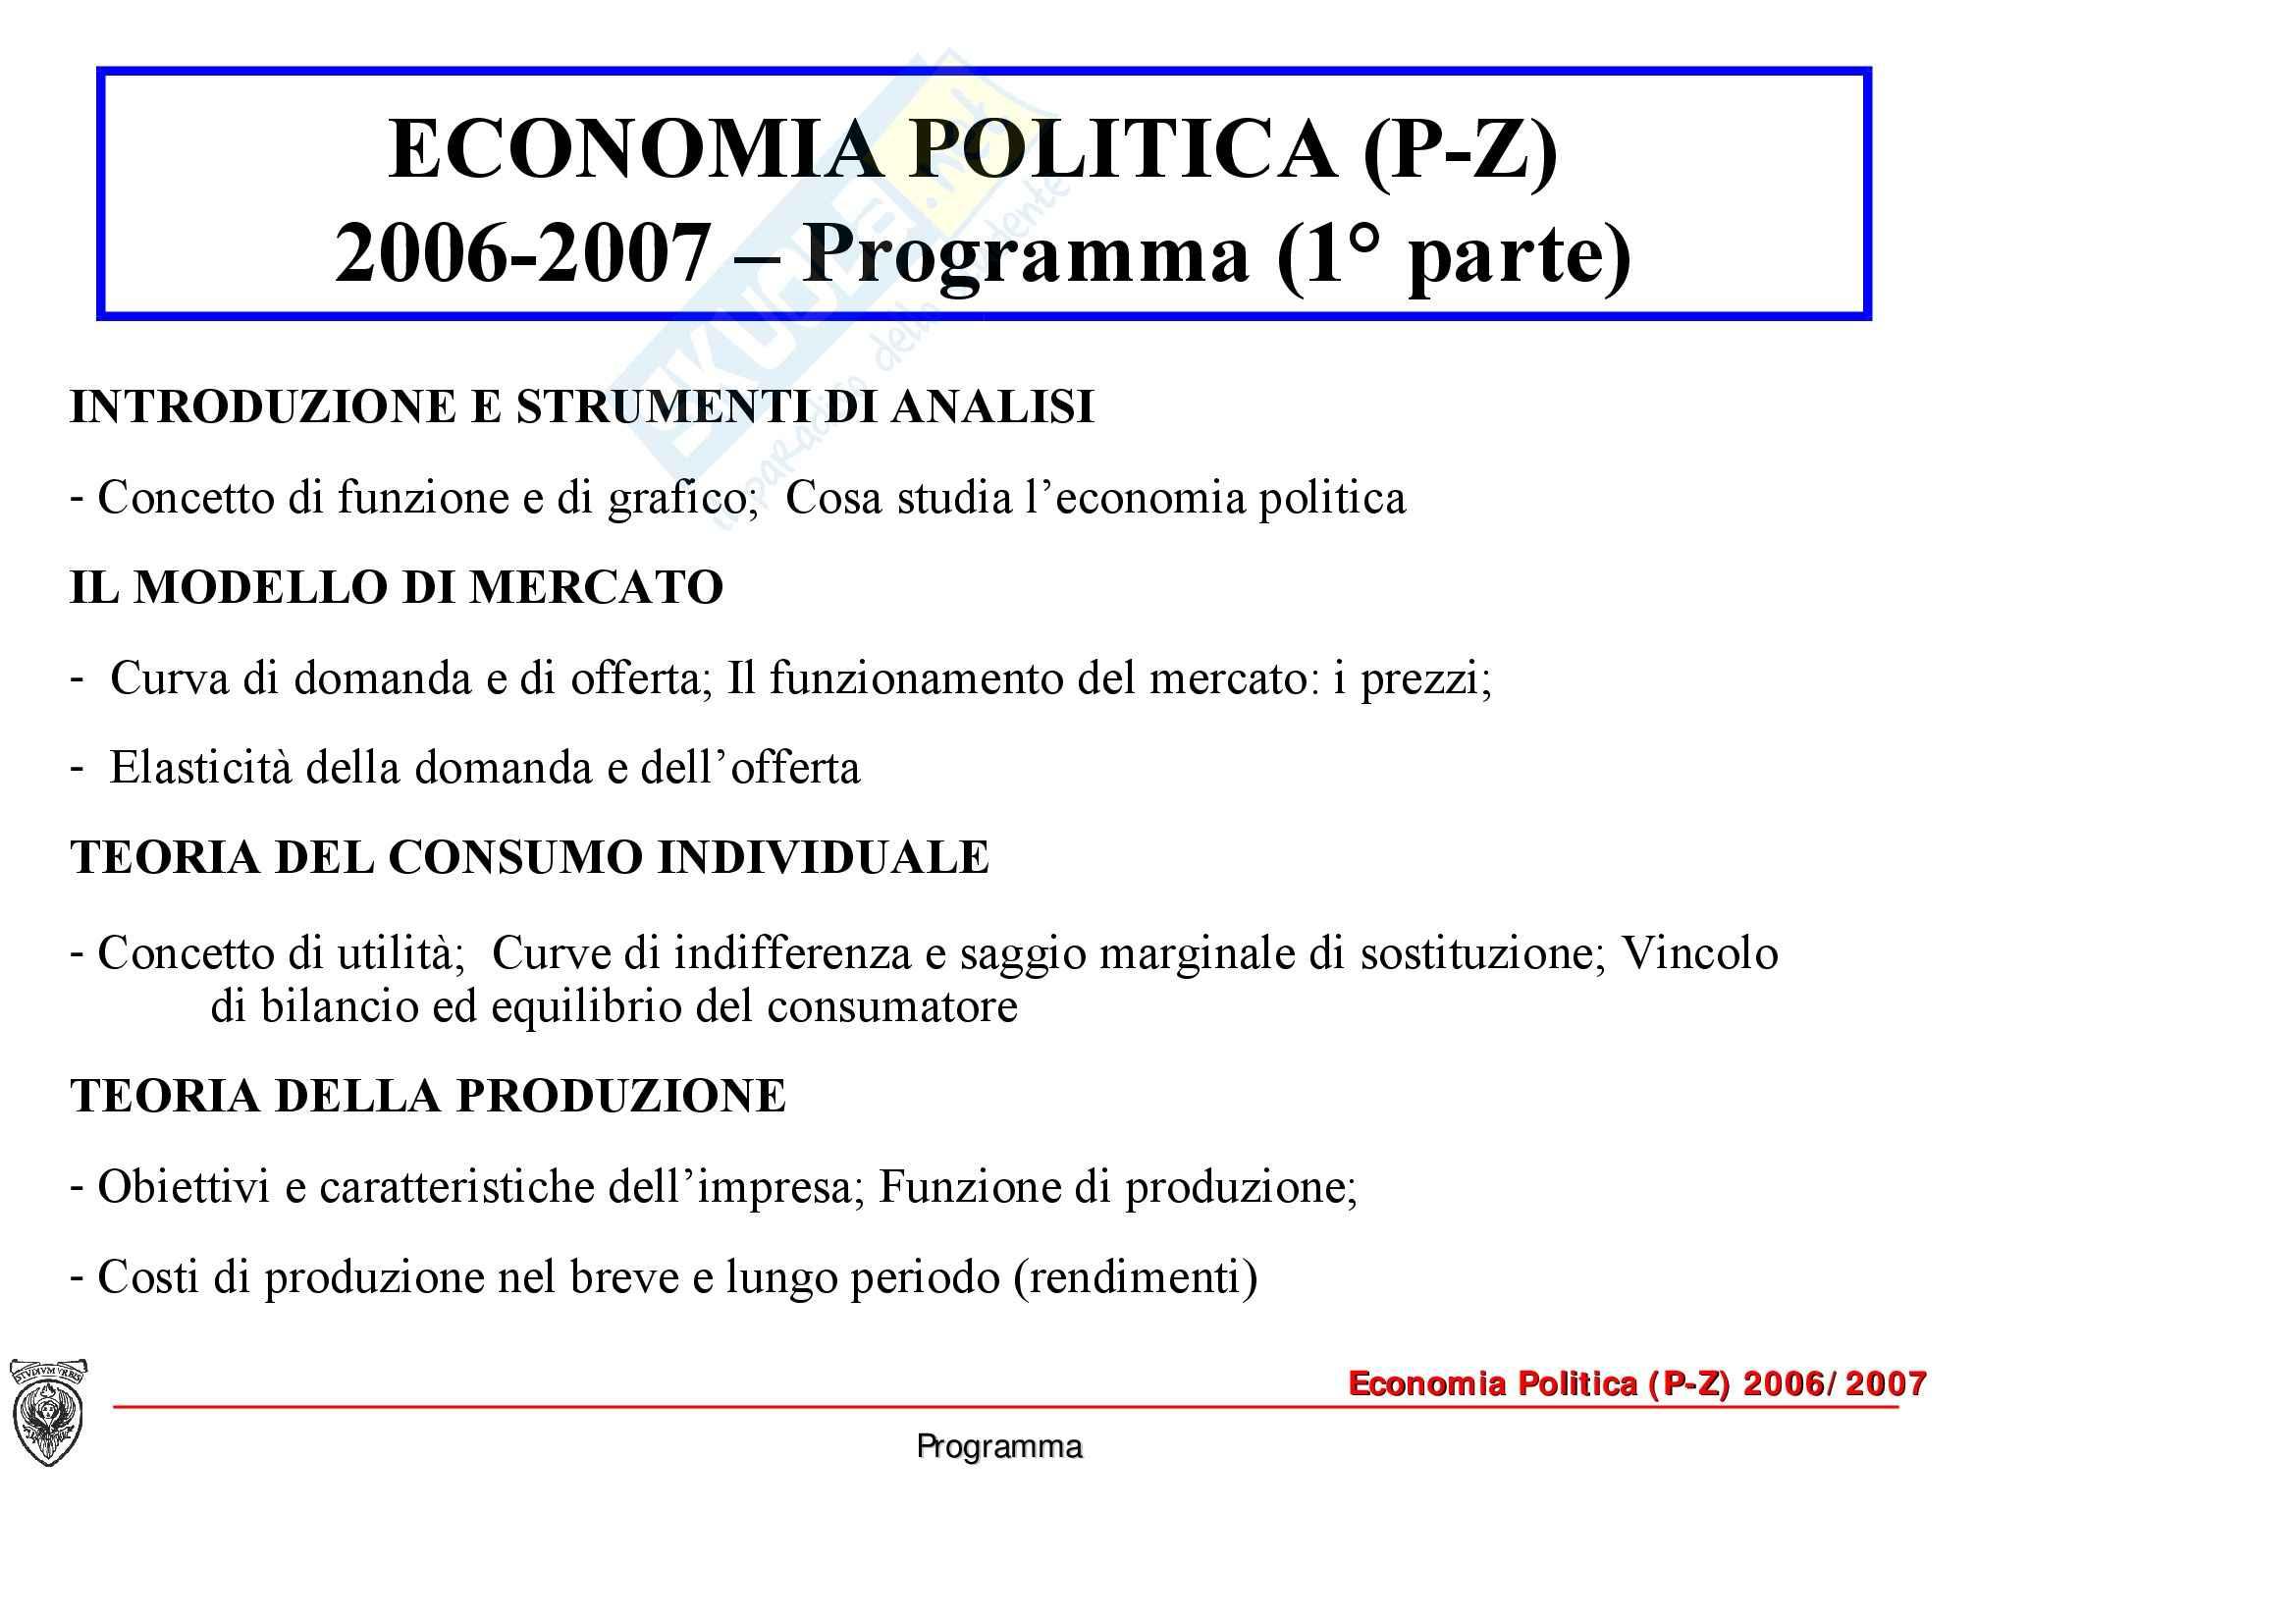 Economia politica - l'economia di mercato Pag. 2